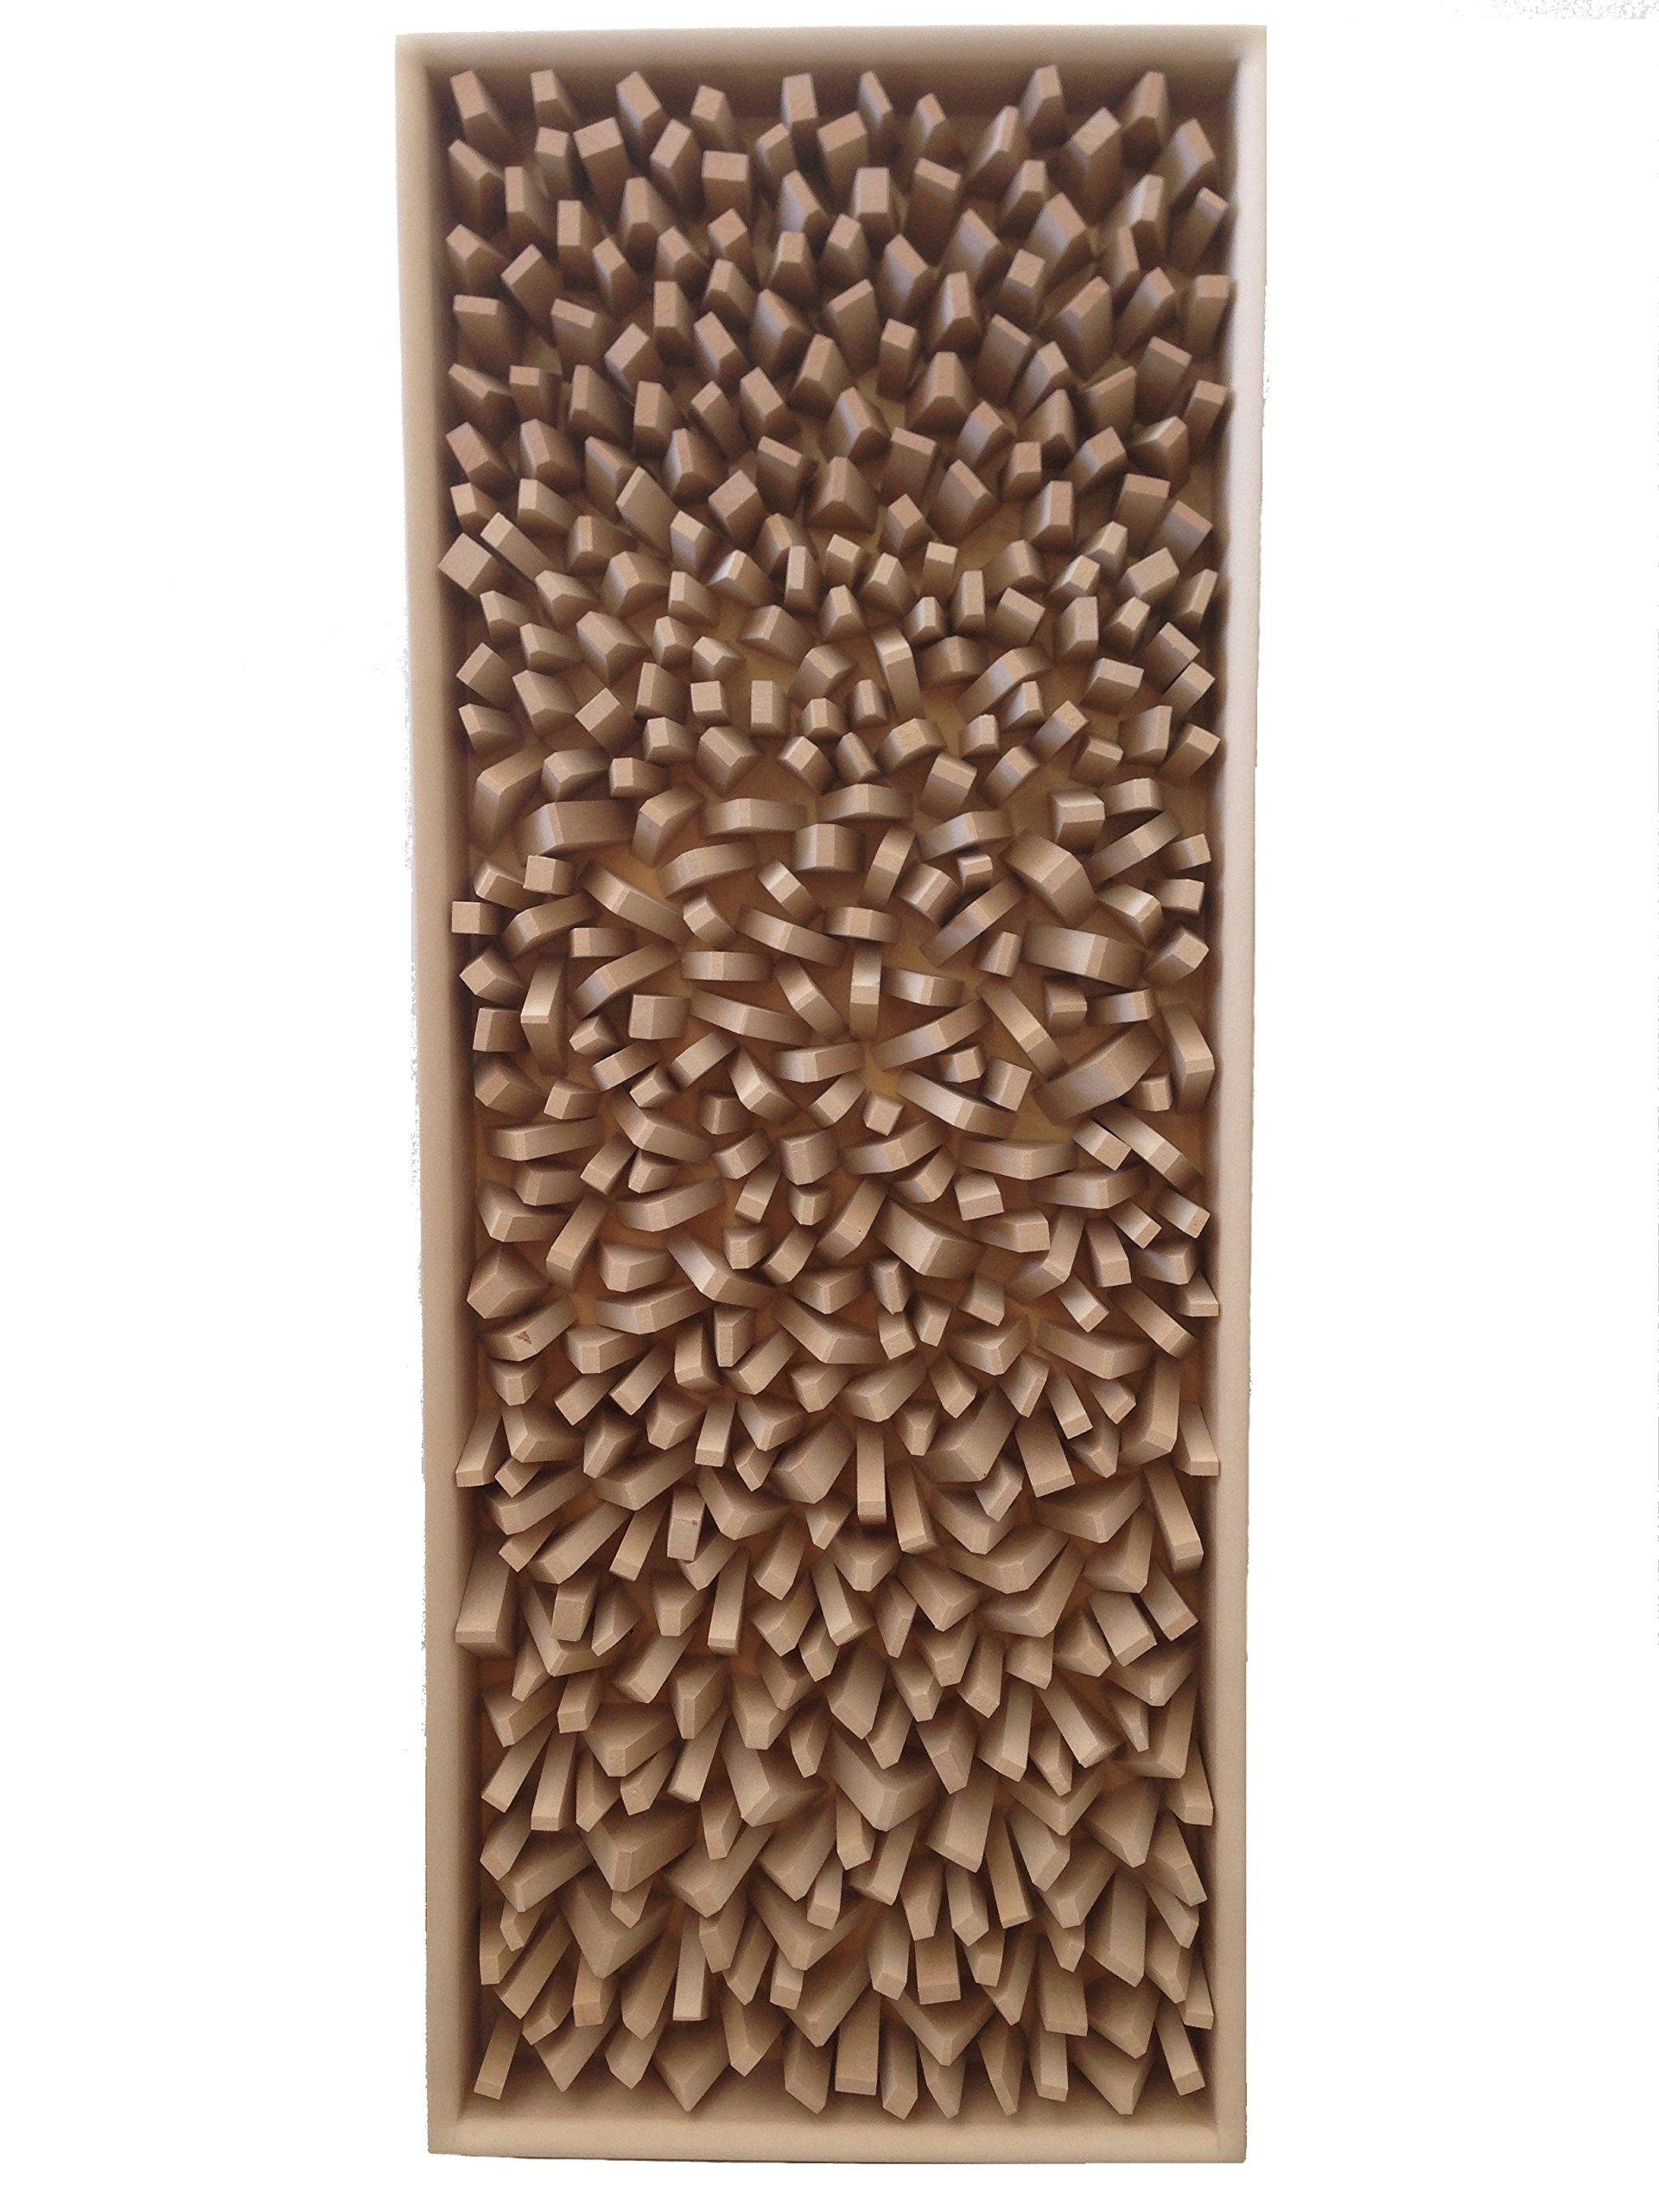 Vito Acoustic Diffuser Panel 36 x 14.25 x 3.25